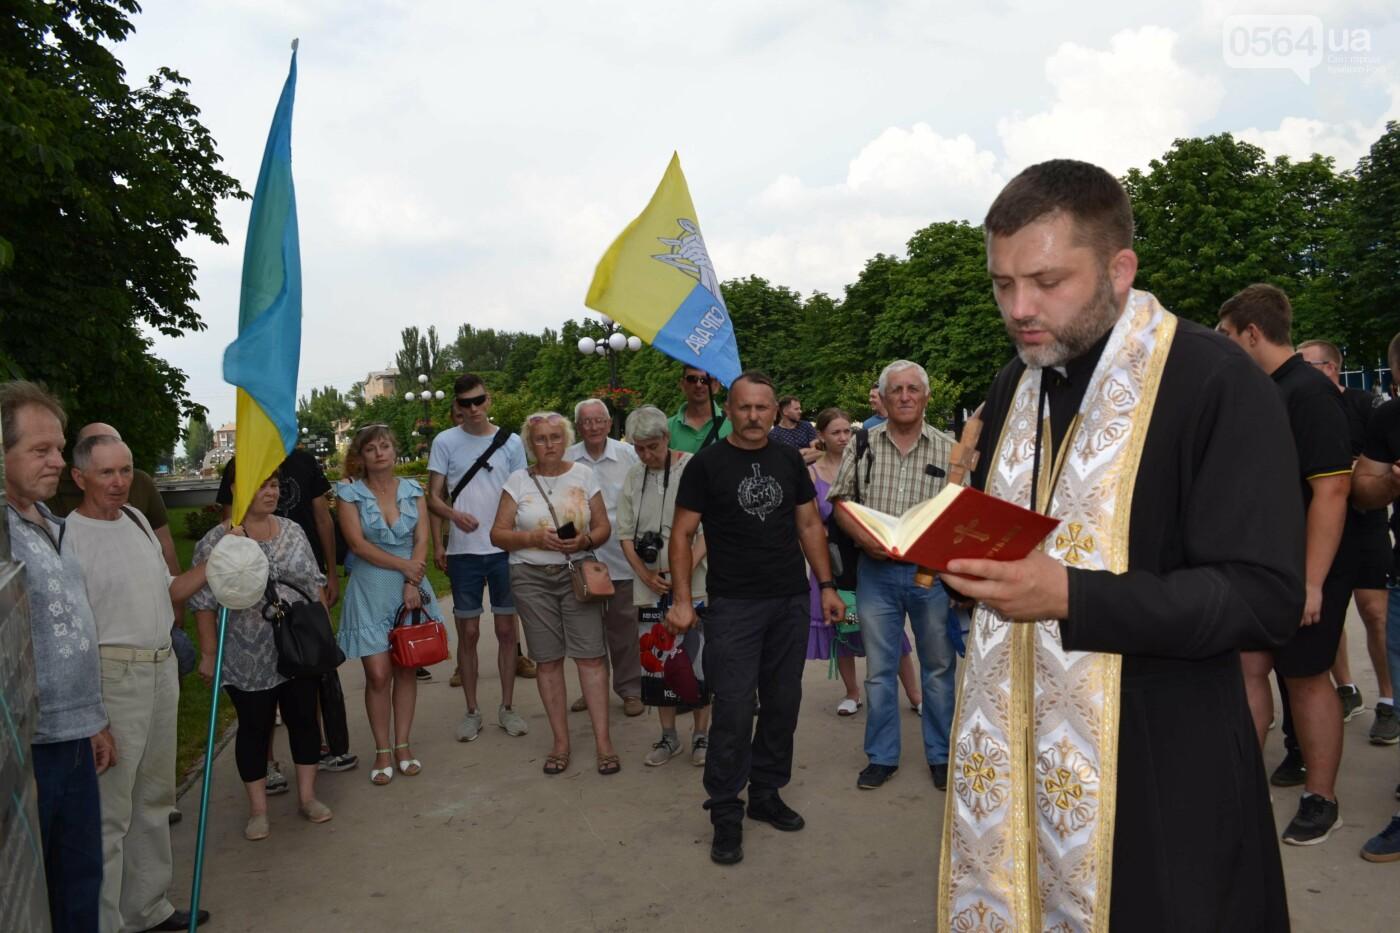 К 30-летию Независимости Украины в Кривом Роге установили мемориальную плиту в память о Корнее Речмидило, - ФОТО, ВИДЕО, фото-49